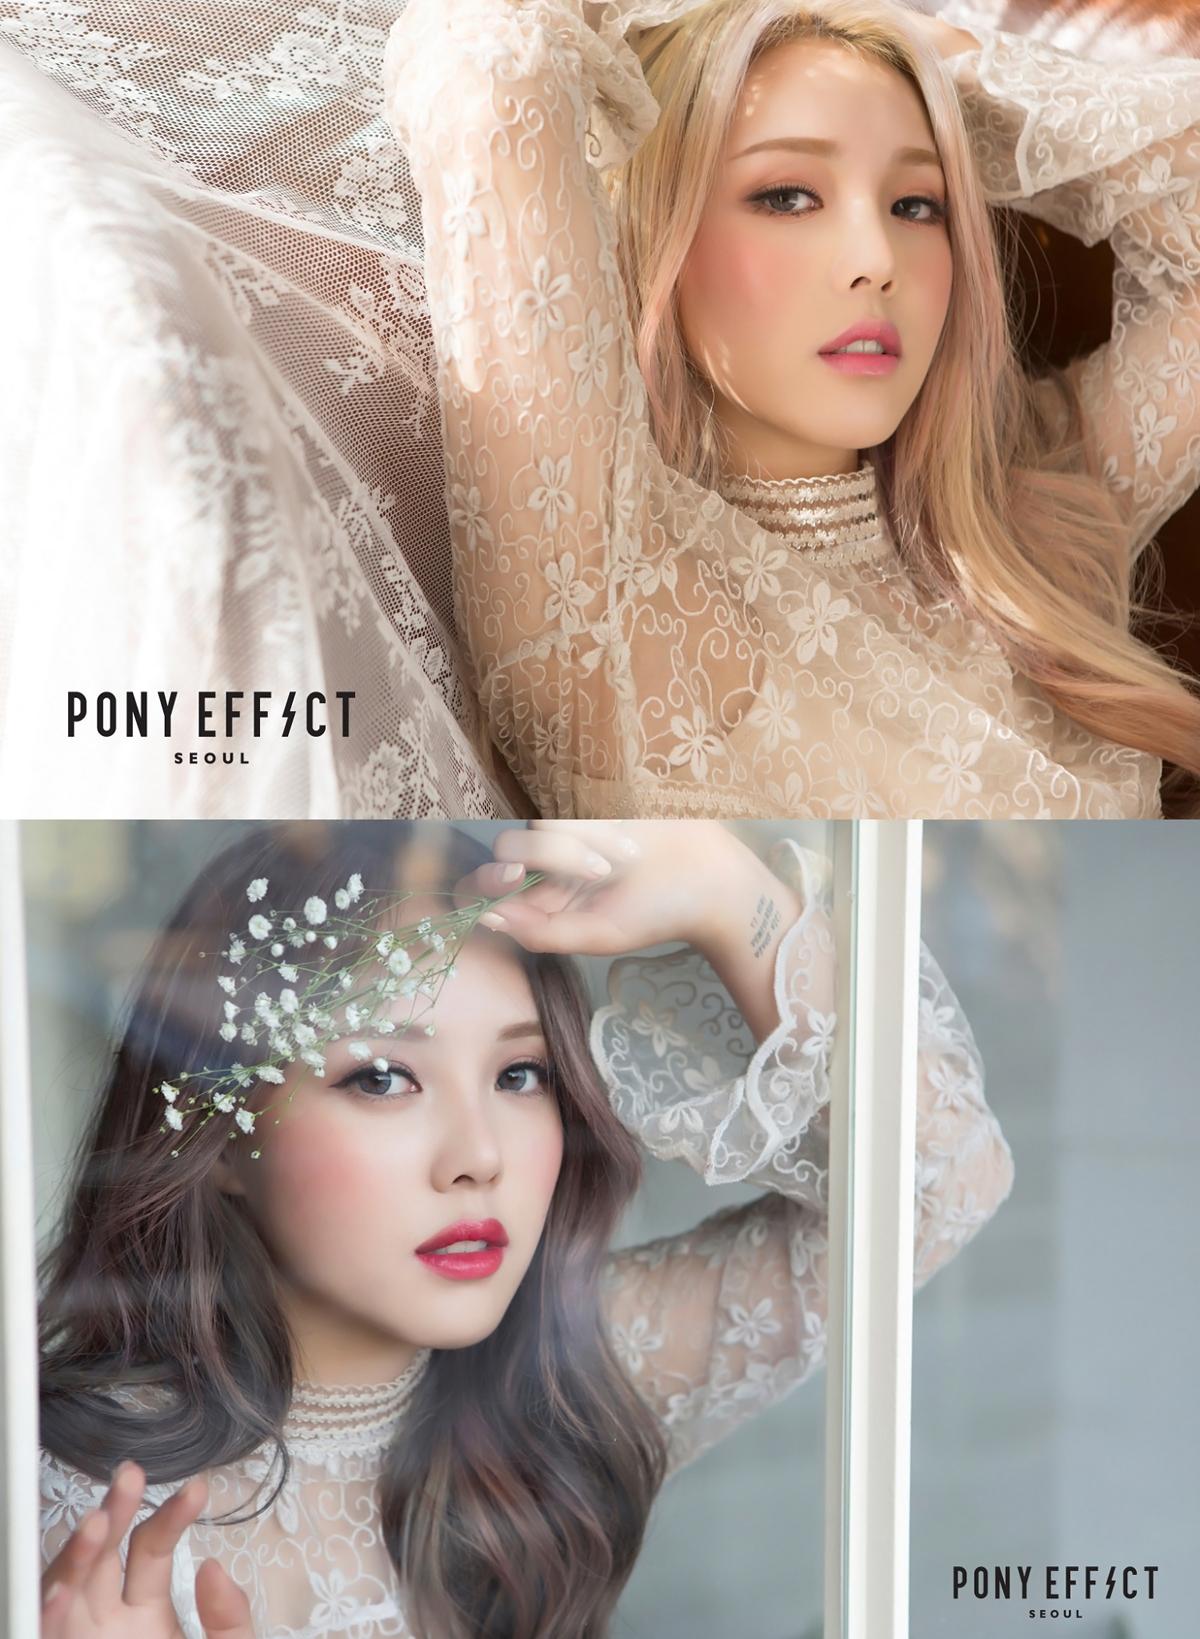 本季以「Blossom Makeup」為創意靈感,推出了猶如戀愛感的夢幻彩妝系列!從PONY的妝容來看就可以看得出來,粉嫩的色調中還帶有一點鮮豔的花開綻放的氣息 ♥